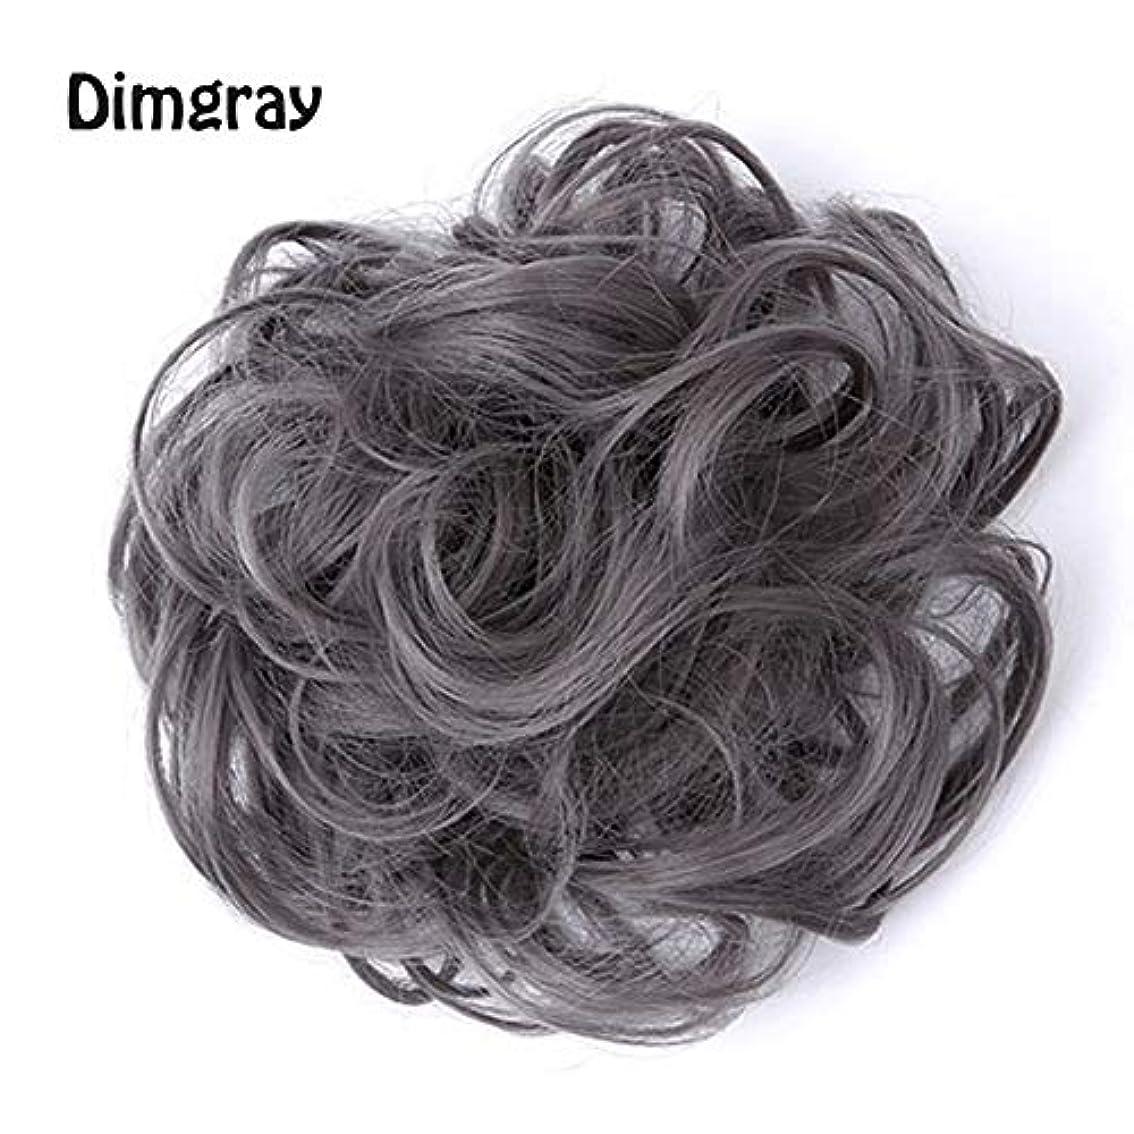 漂流オーストラリア納屋乱雑な髪のお団子シュシュの拡張機能、ポニーテールシニョンドーナツアップ、女性用カーリー波状リボンアクセサリー